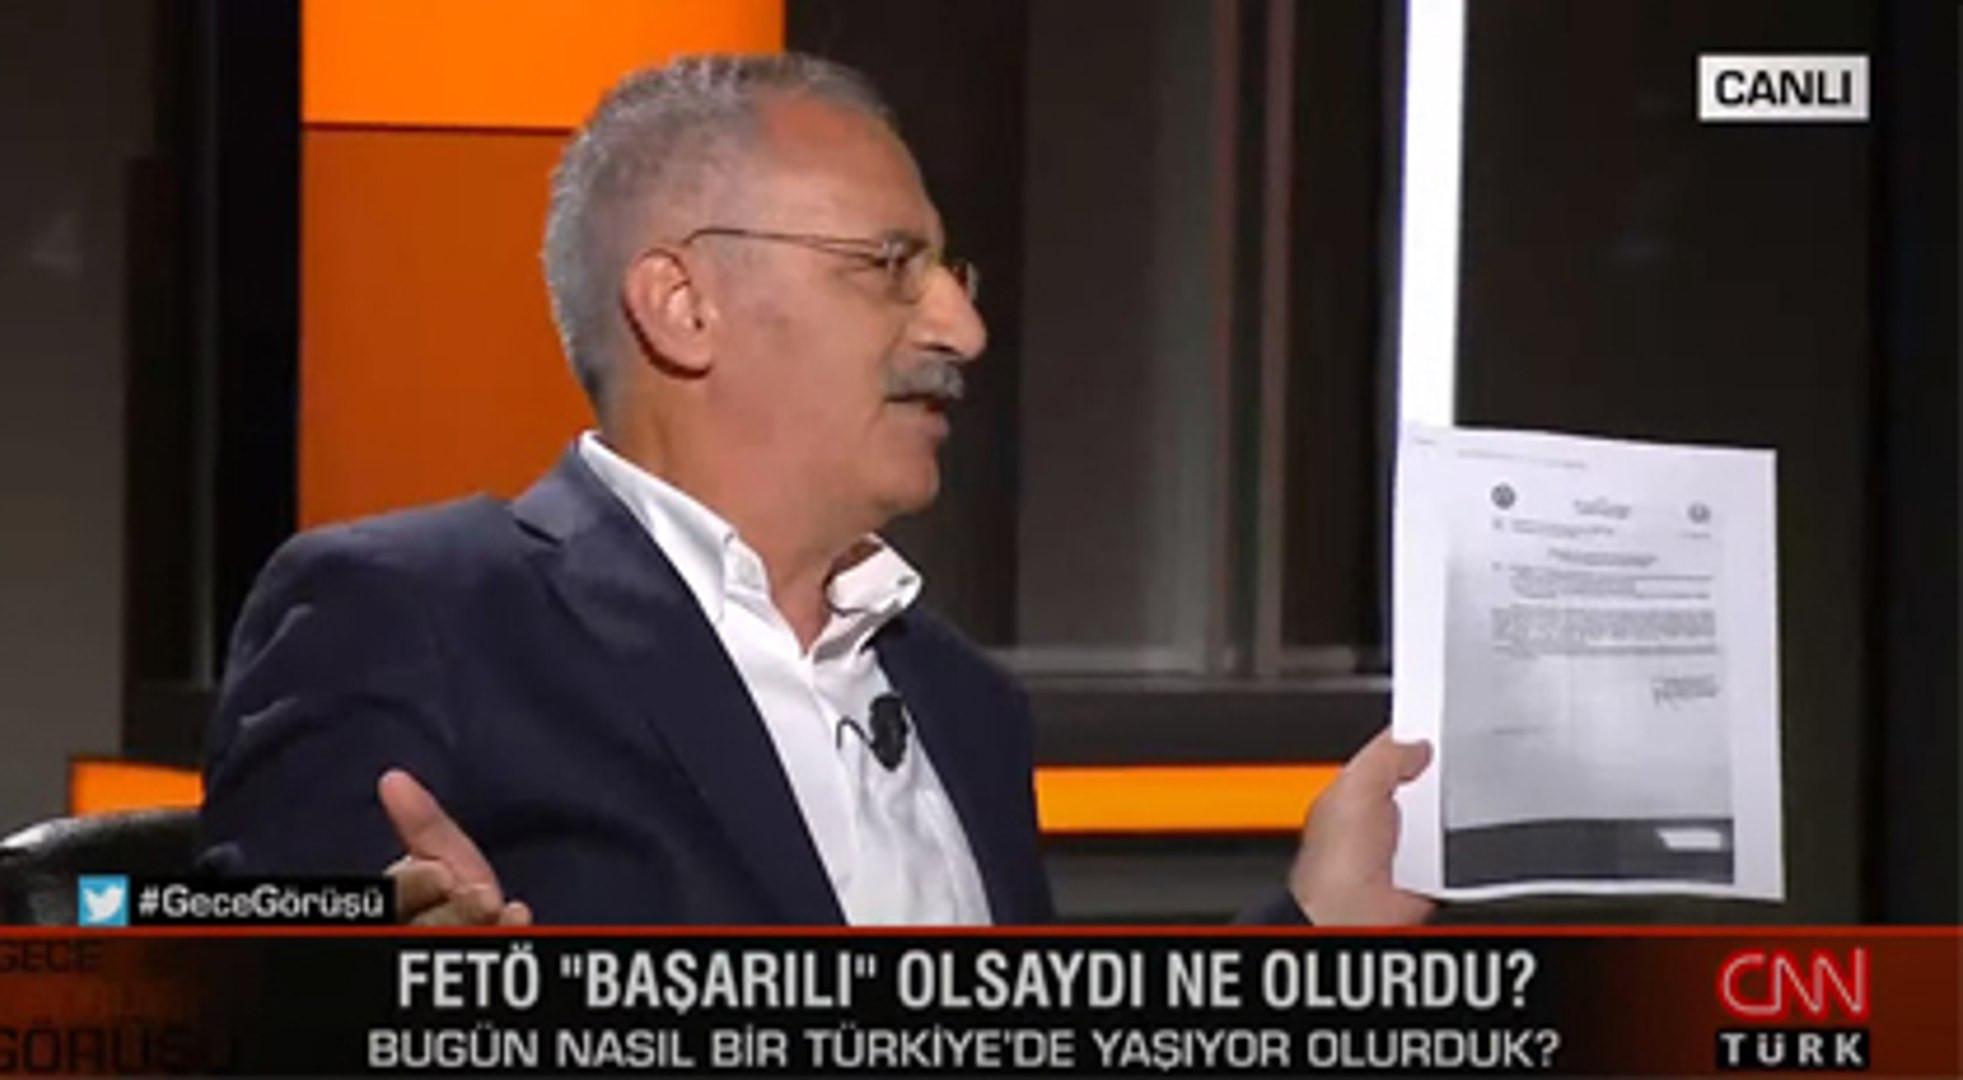 Hande Fırat şaşkınlığını gizleyemedi! CNN Türk'te ilginç anlar